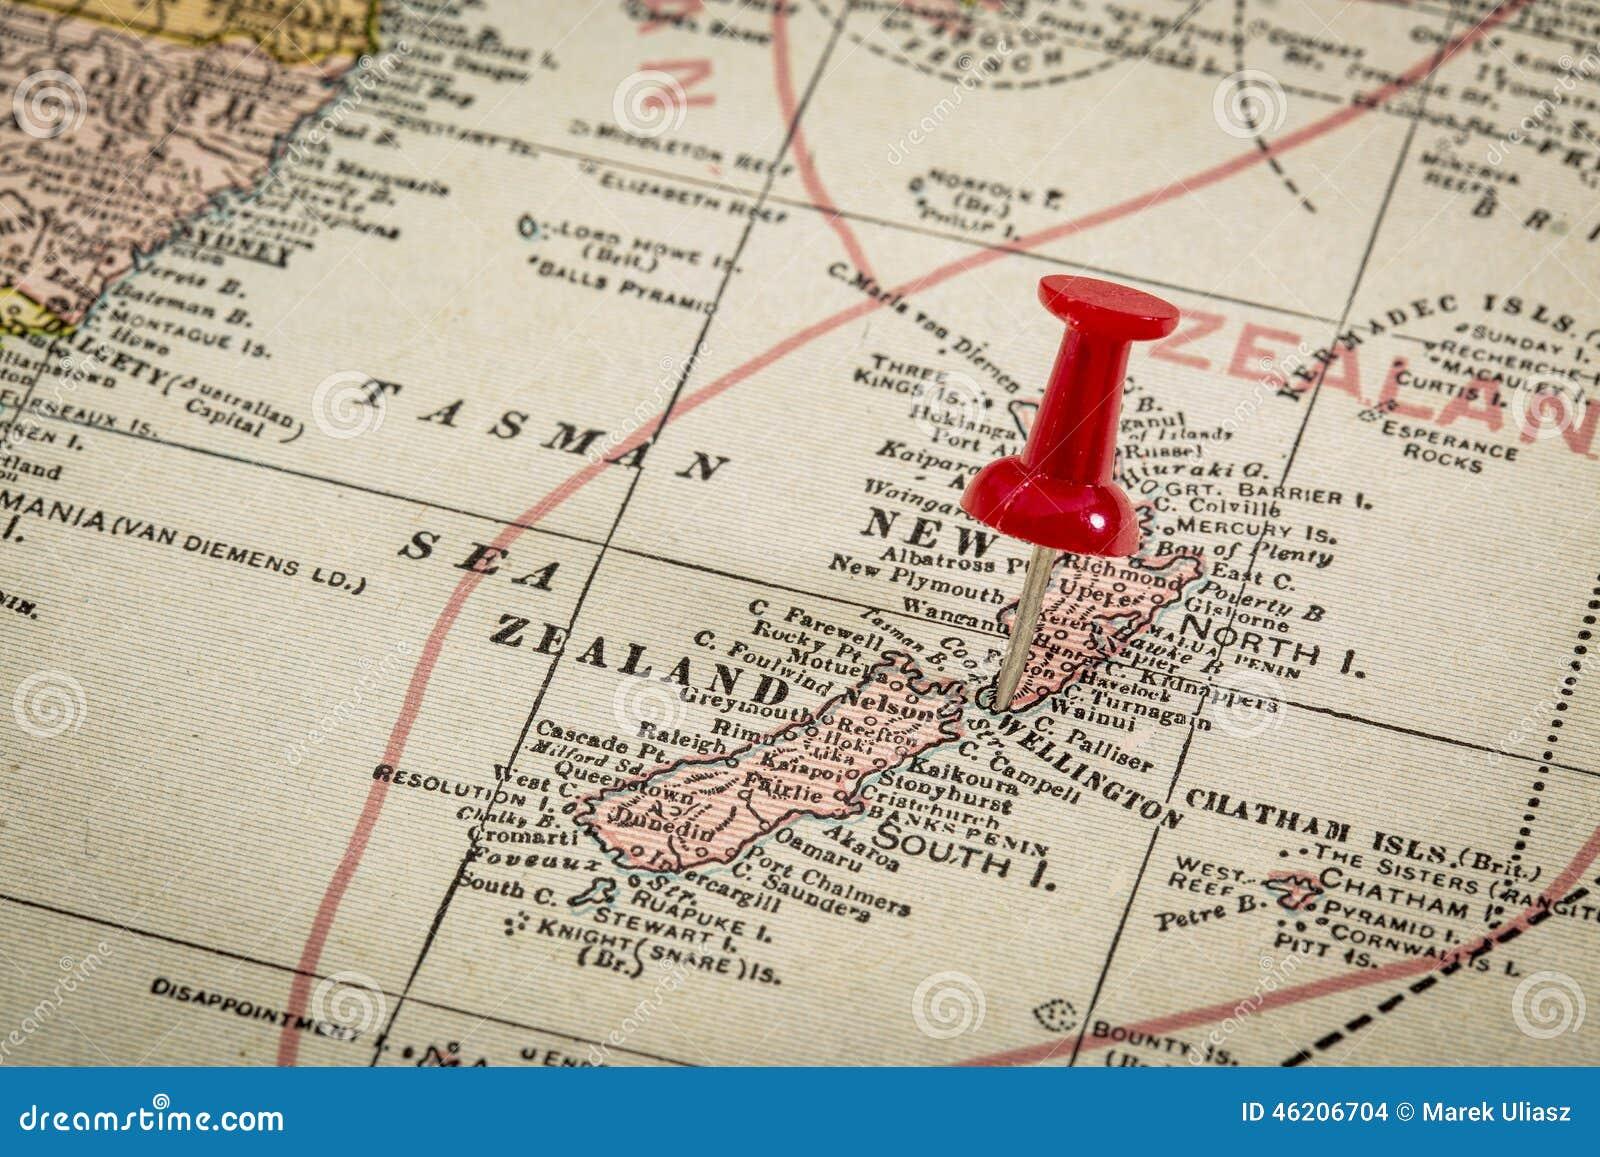 Map Wellington New Zealand.New Zealand On Vintage Map Stock Photo Image Of City 46206704